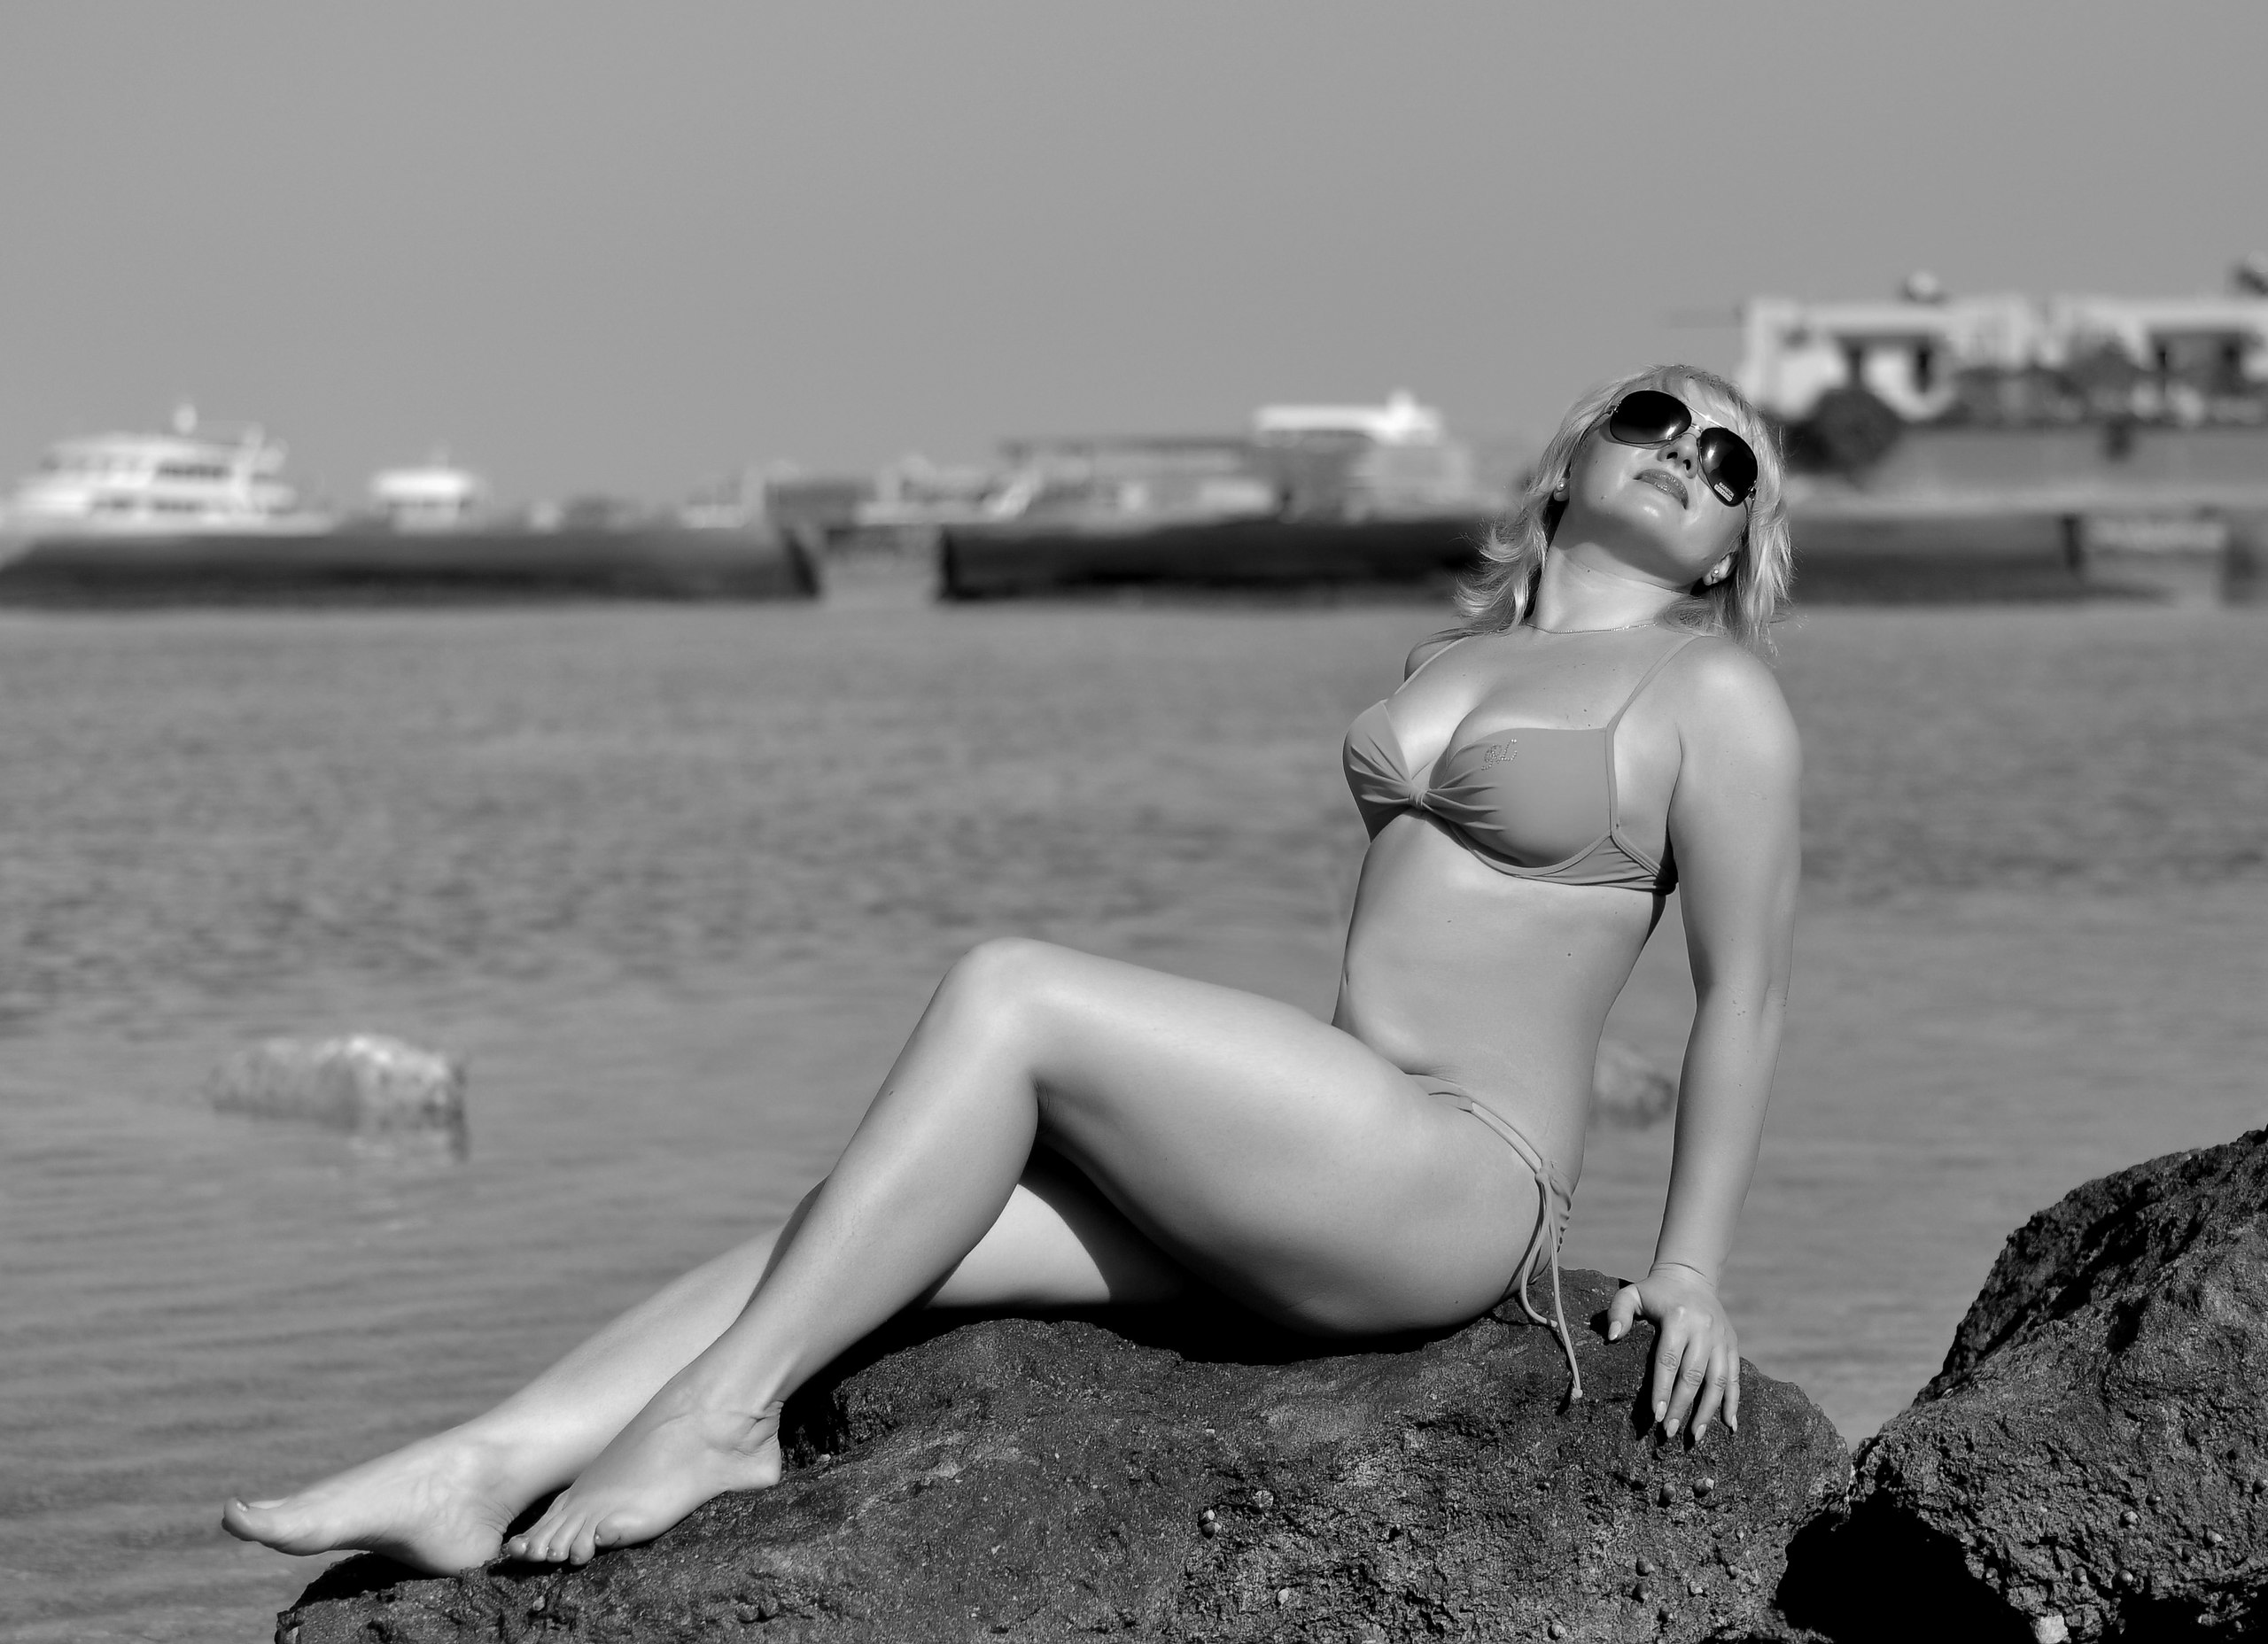 Черно-белые фото девушек (21 фото) - МАРГАРИТА, 45 лет, Салават